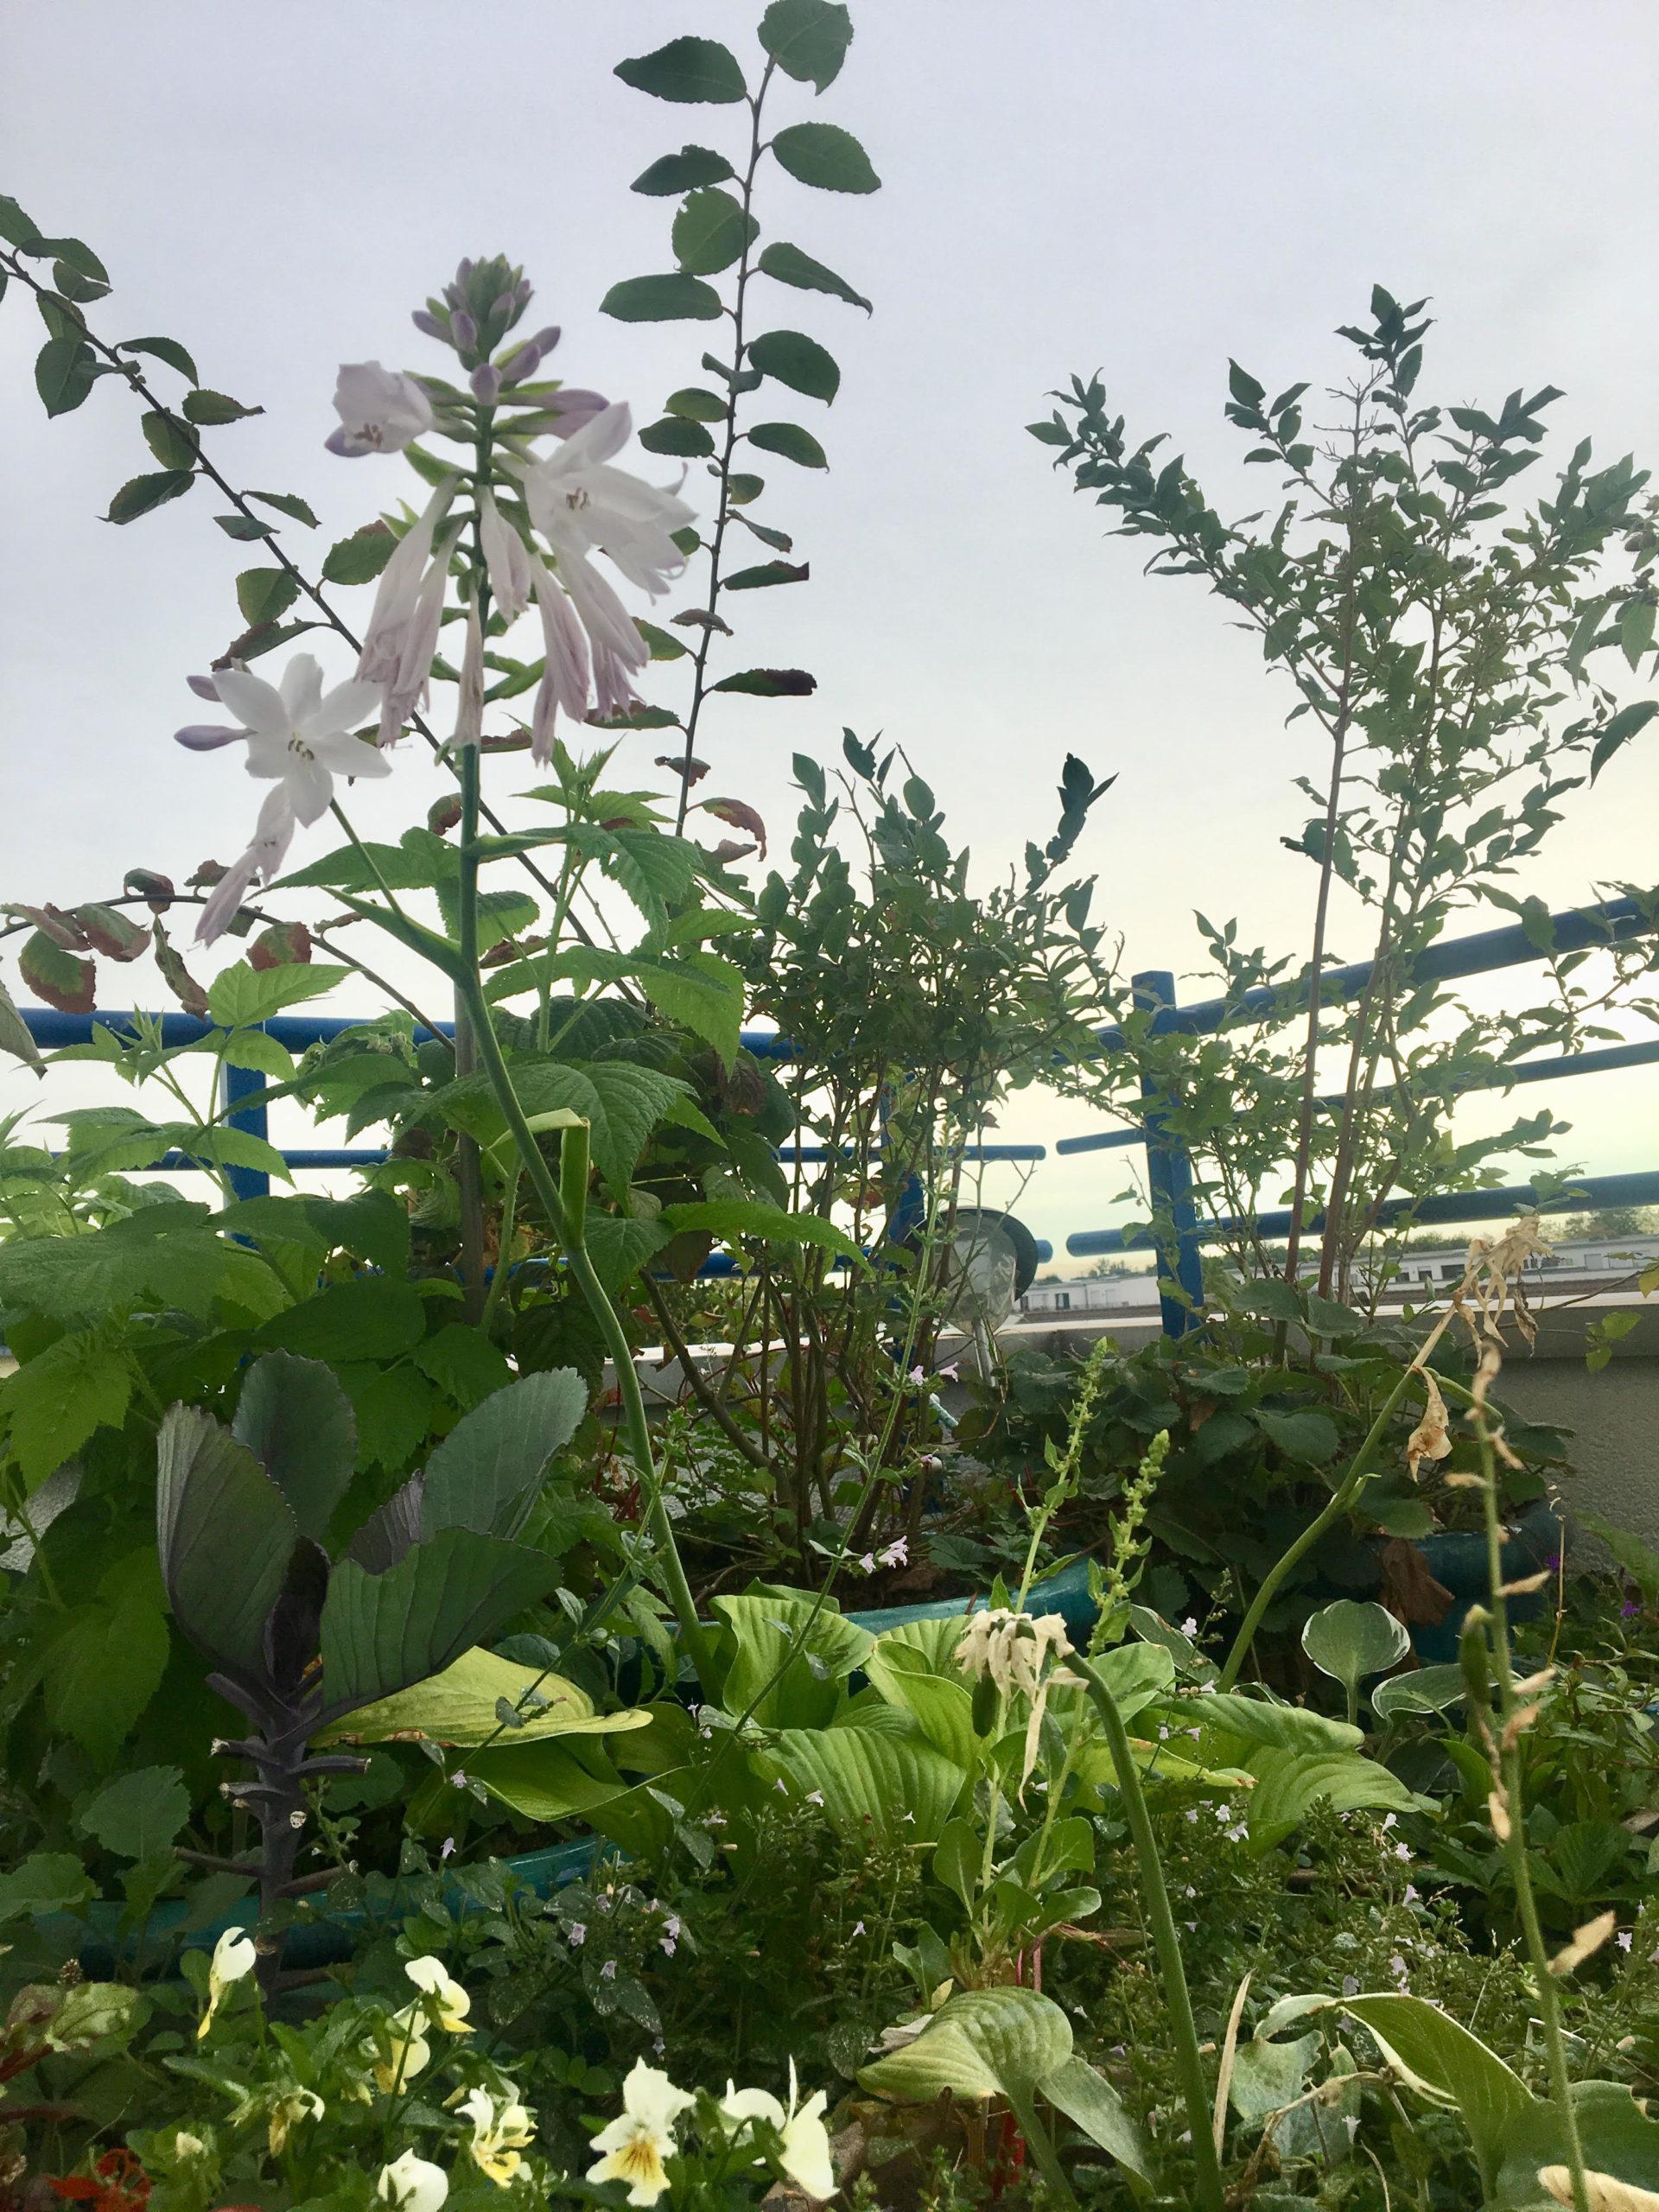 Essbares für Mensch und Tier auf einem Kölner Balkon: Funkie (essbare Blätter und insektenfreundliche Blüten), Hornveilchen (essbare Blätter und Blüten) Heidelbeeren, Erdbeeren und Kohlrabi